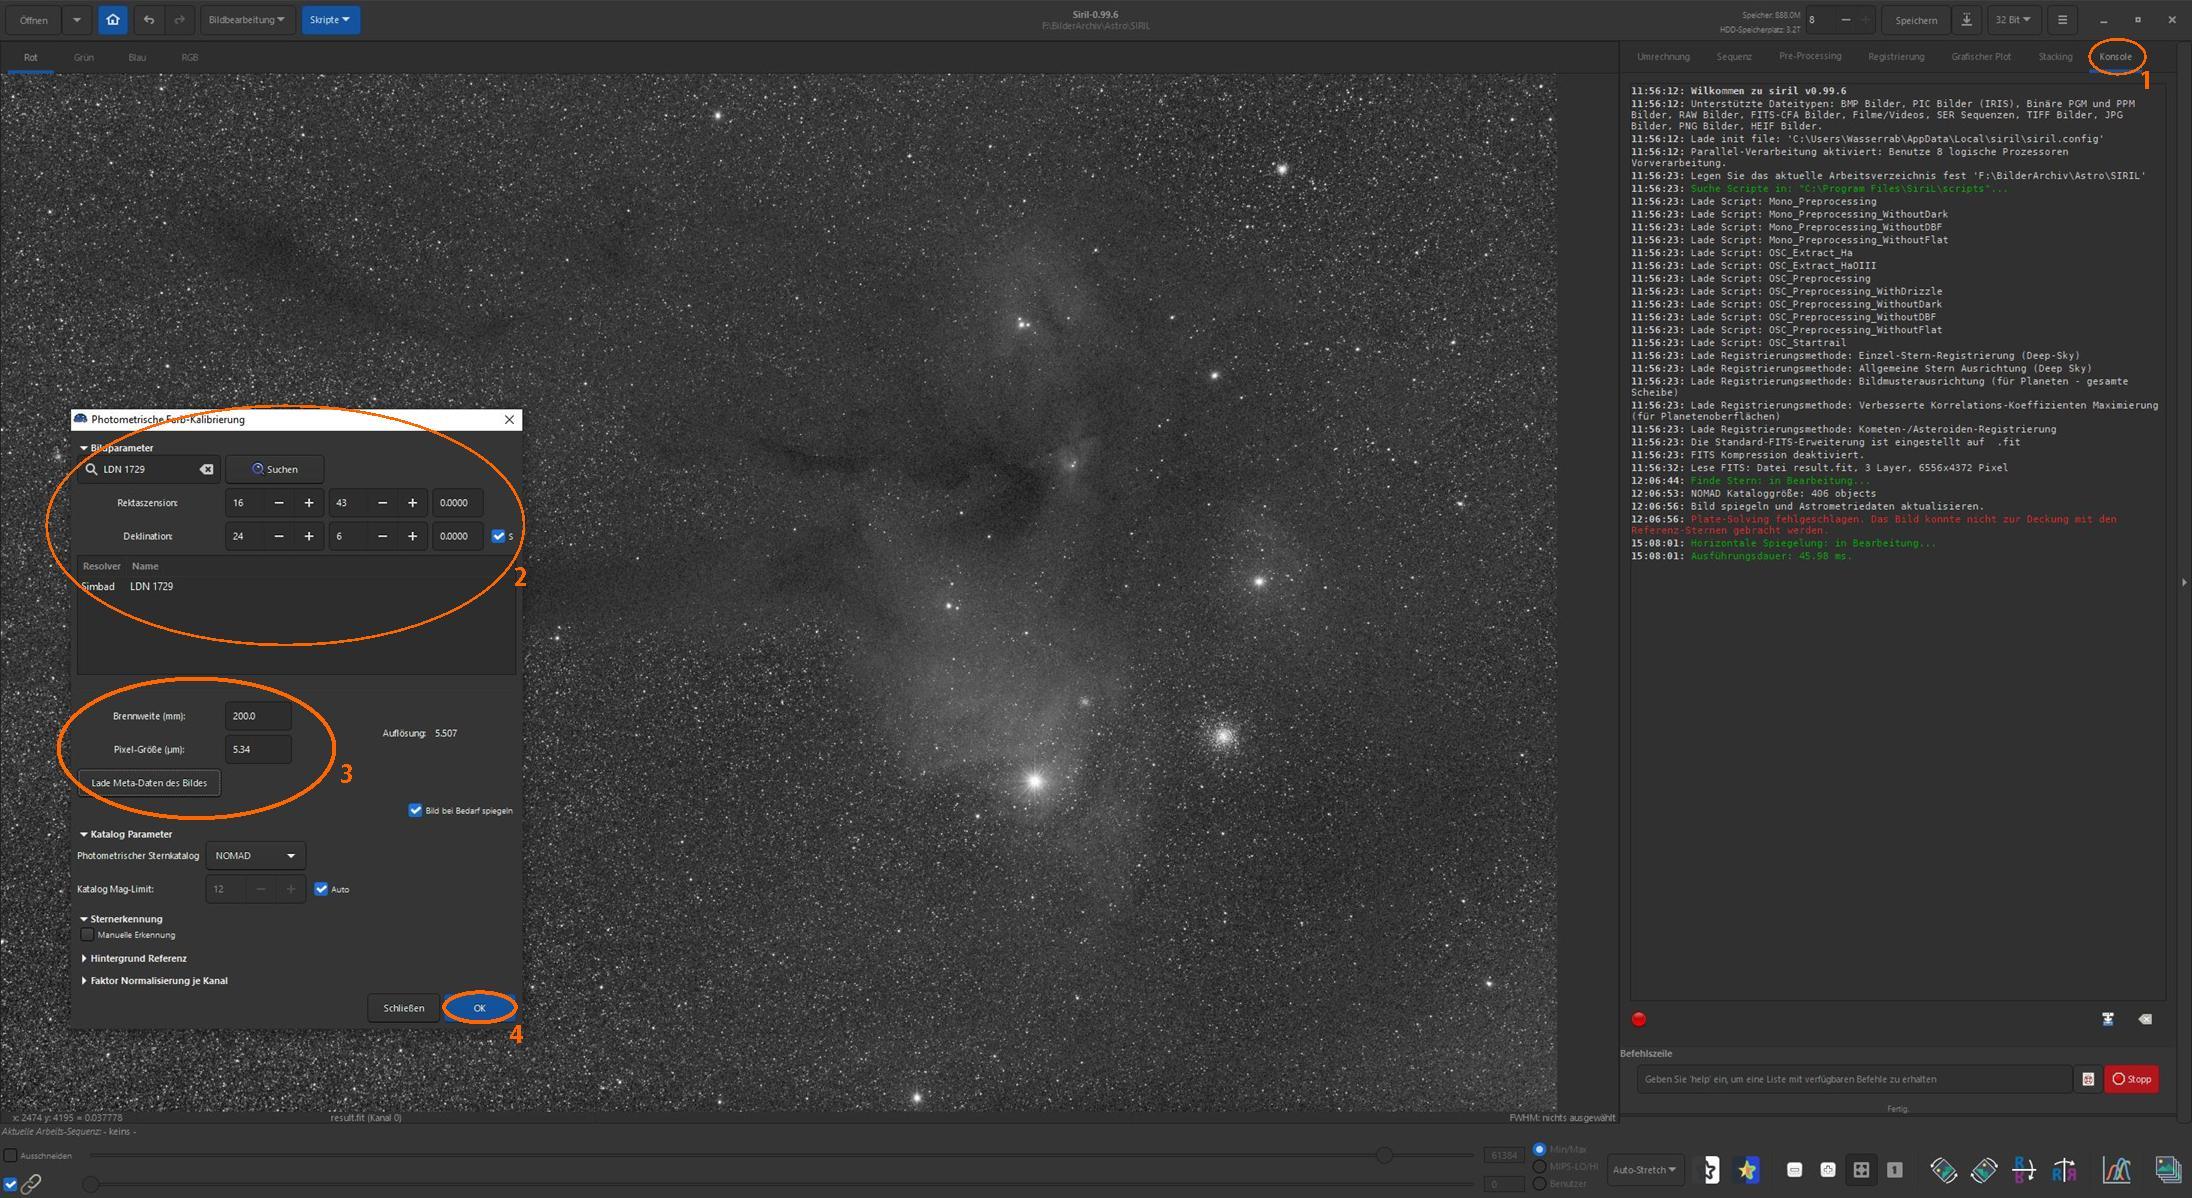 Neue Kalibrierung mit den in Stellarium ermittelten Koordinaten für LDN 1729, die dem Bildmittelpunkt entsprechen dürften